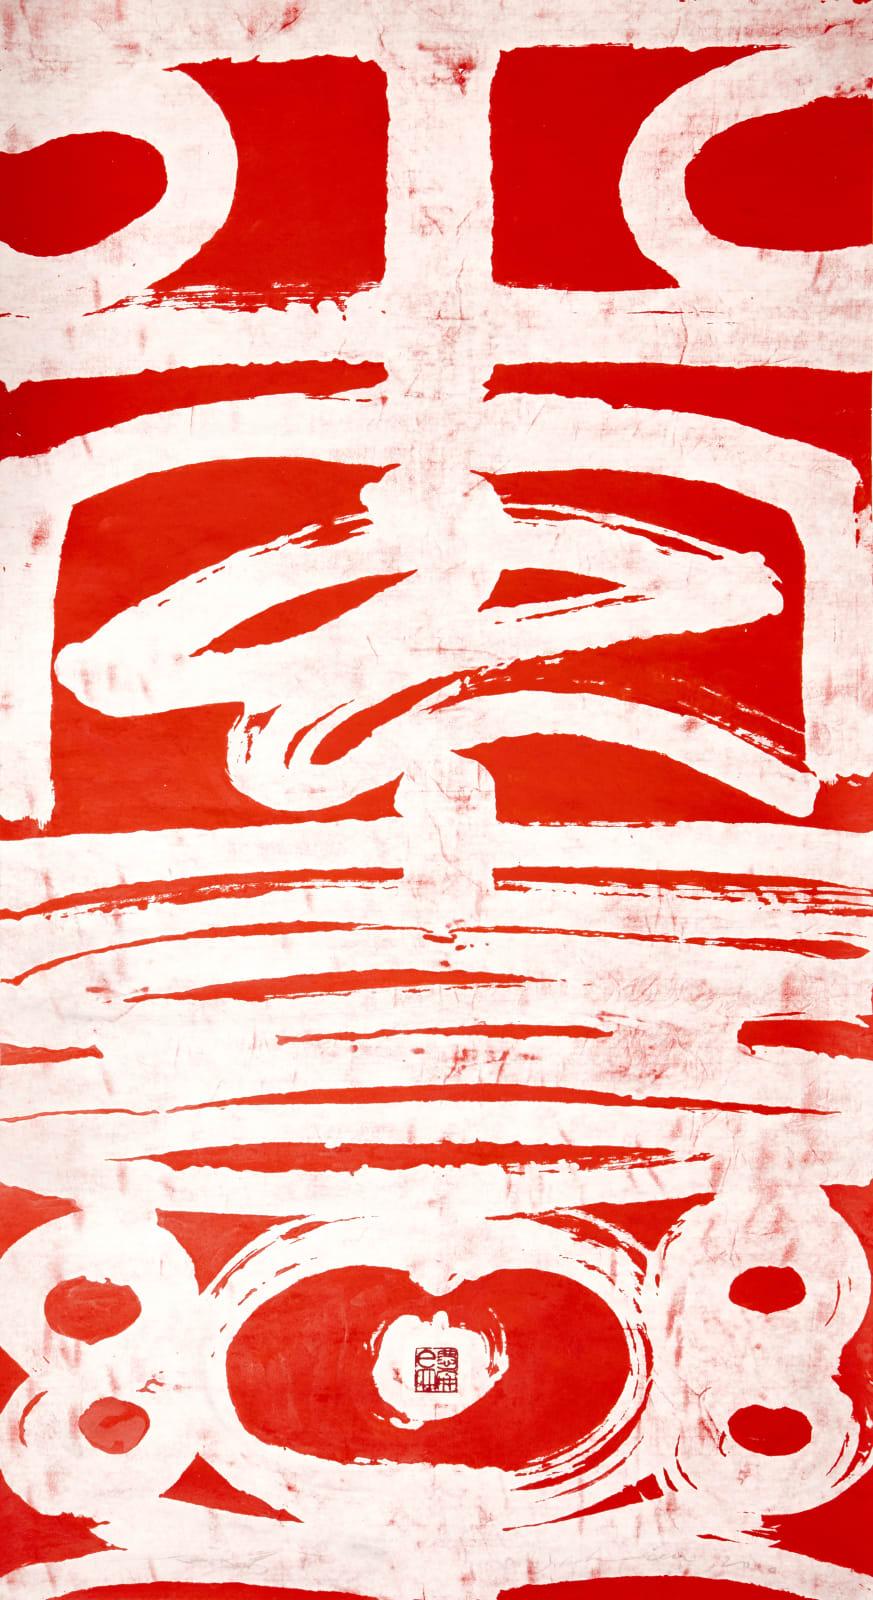 C. N. Liew 劉慶倫, Bliss 平安喜樂, 2010